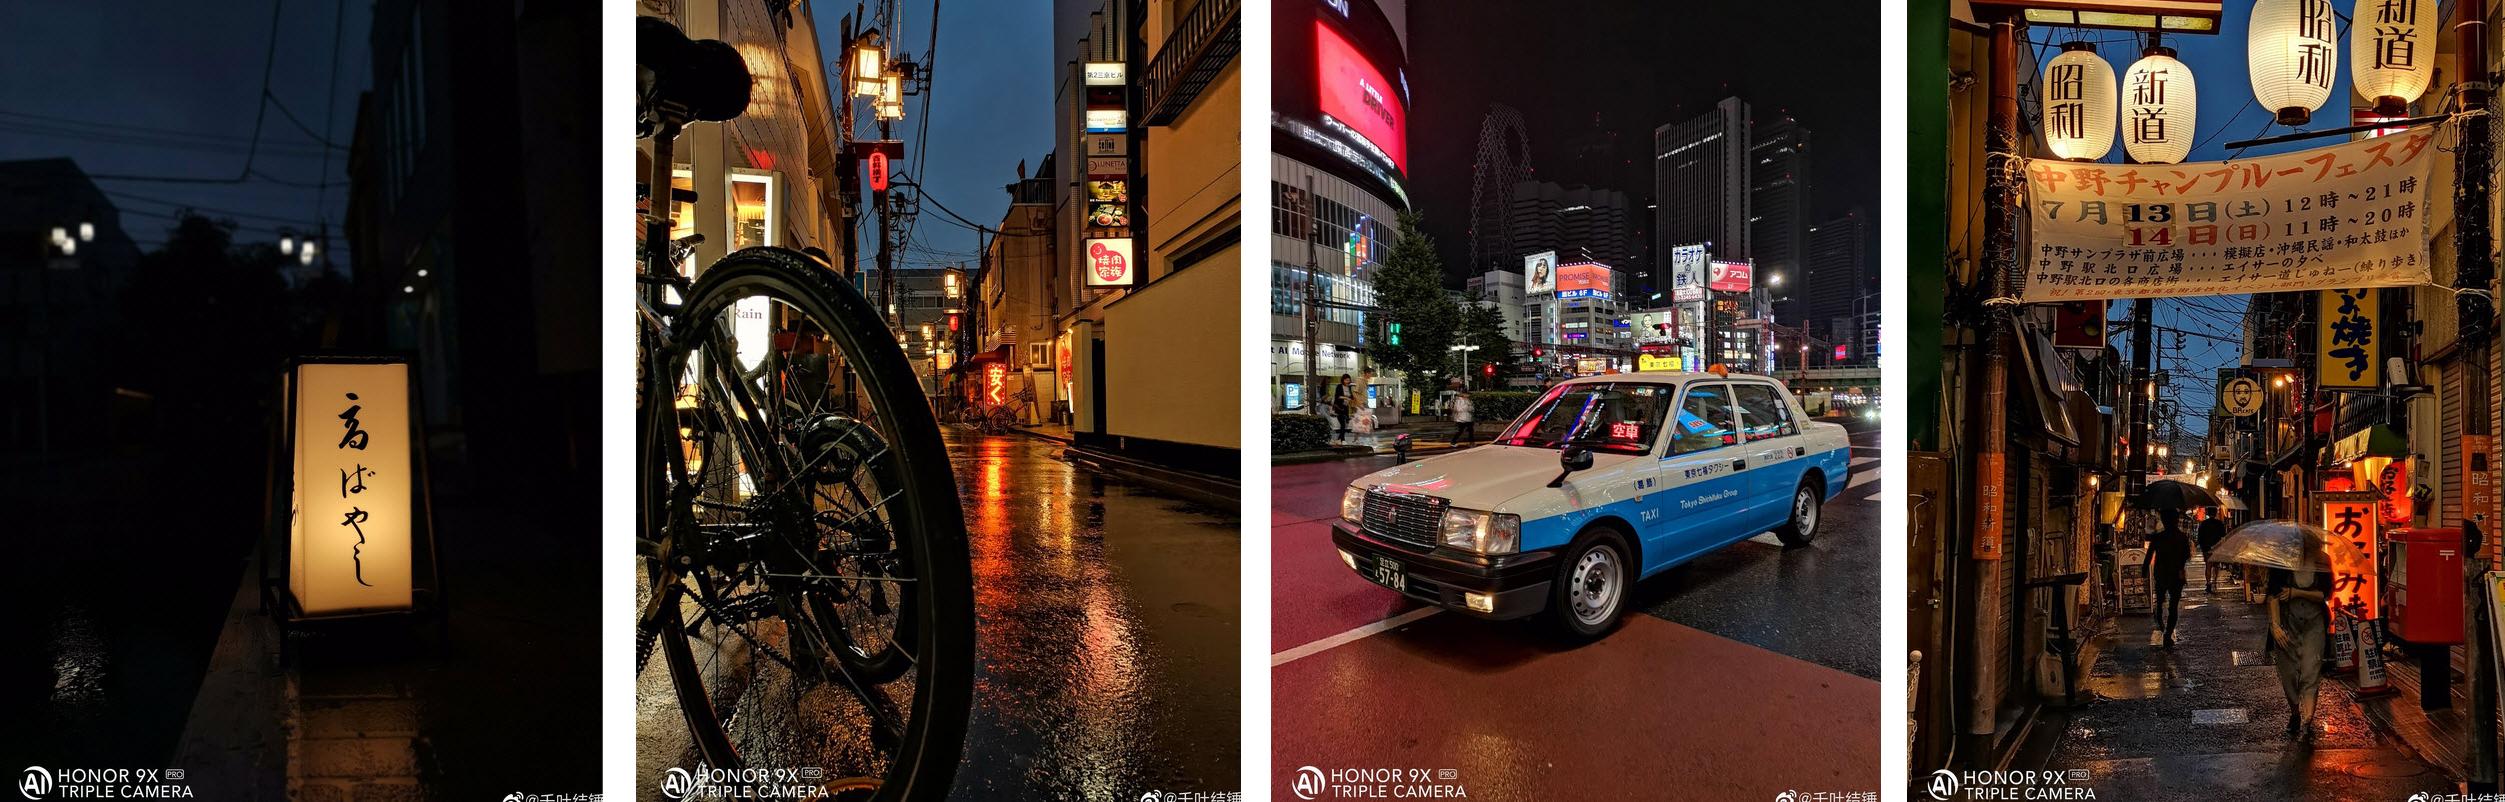 تبلیغ آنر از تواناییهای دوربین 9X Pro در شرایط نوری نامناسب +تصاویر